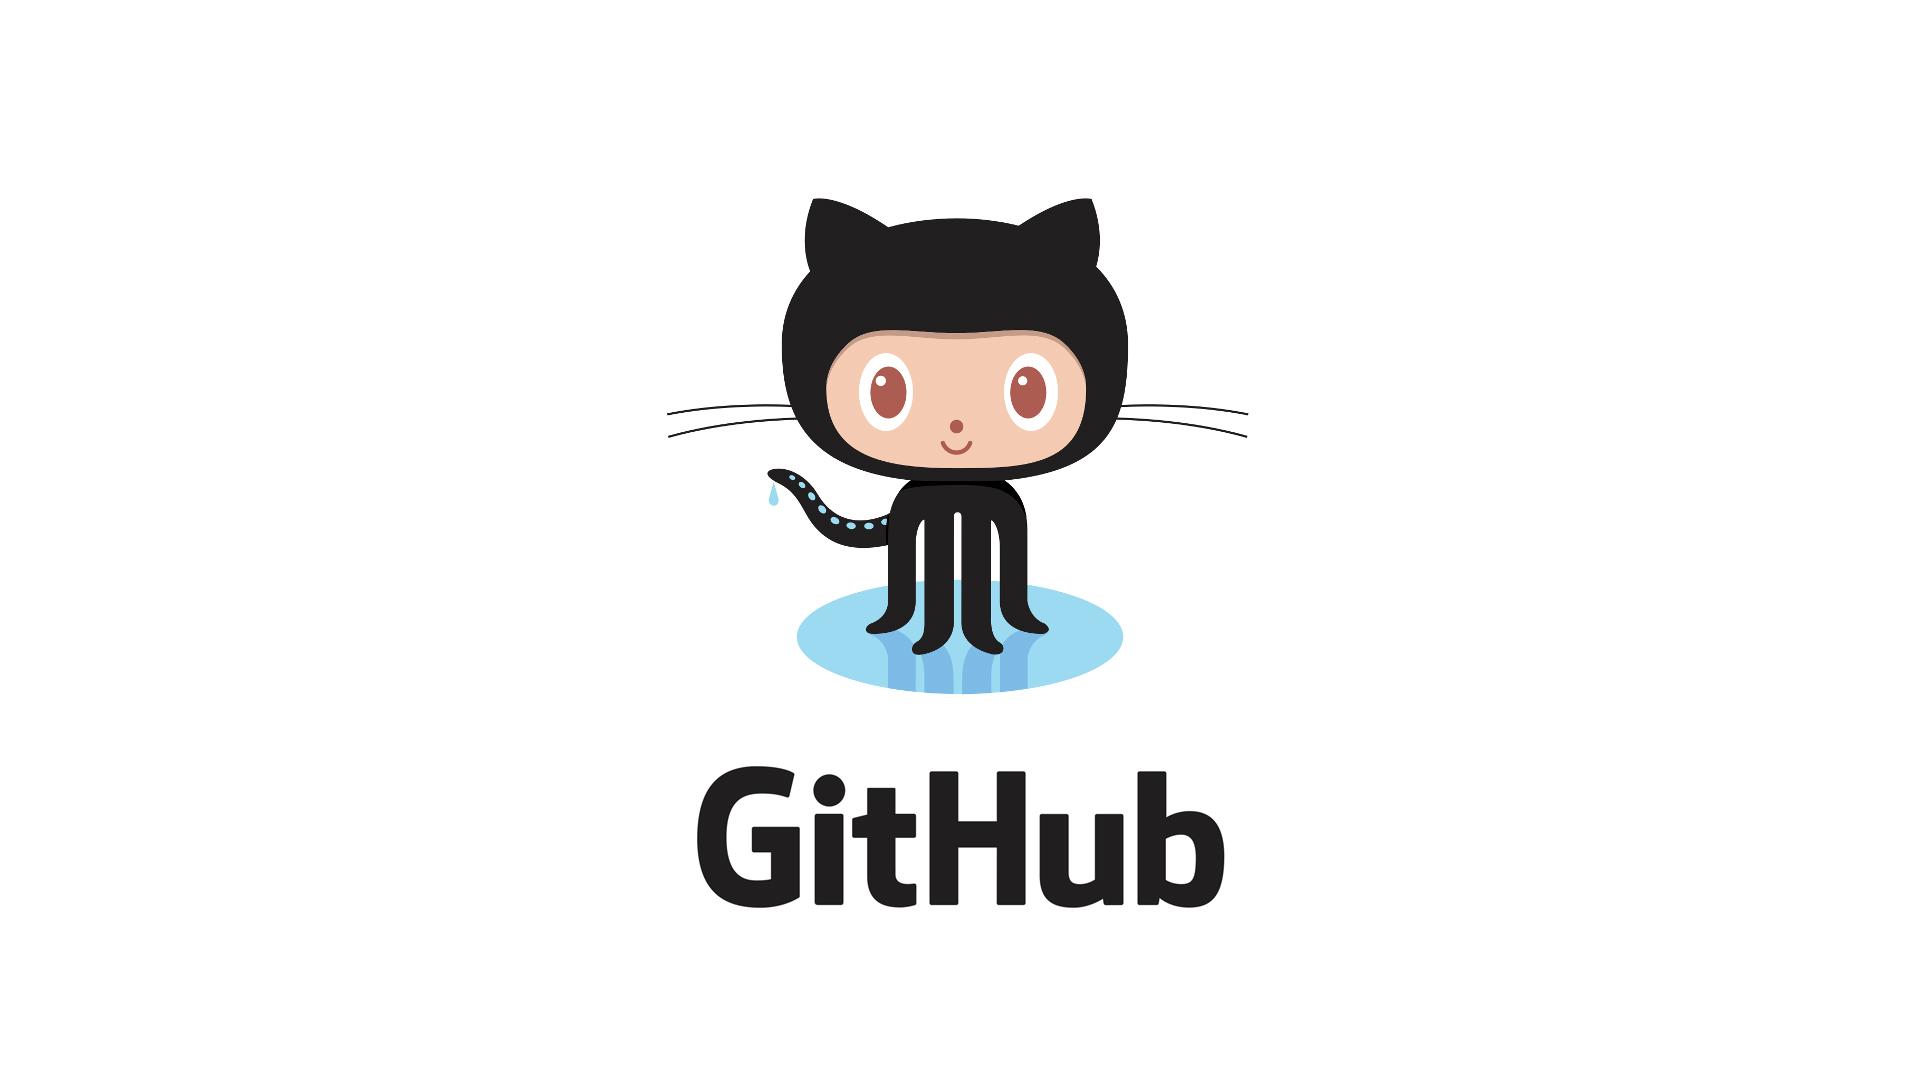 GitHubby